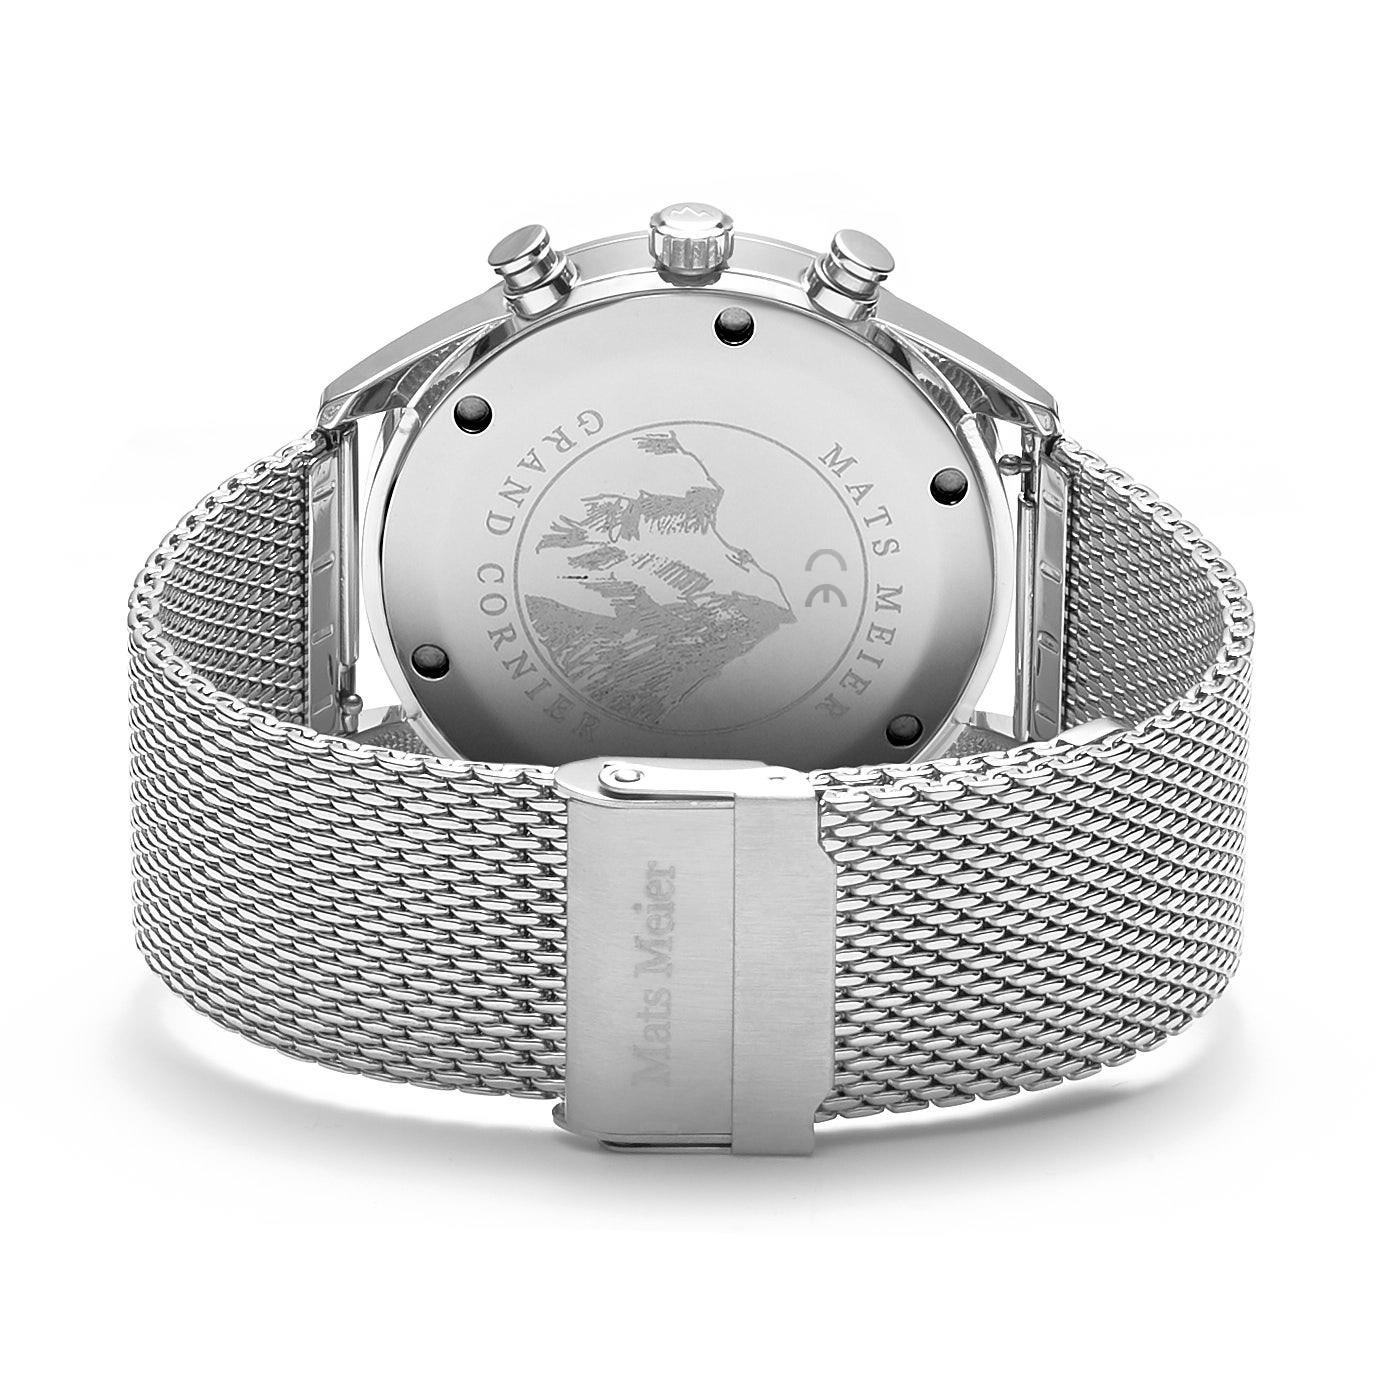 Mats Meier Grand Cornier montre chronographe noir / maille couleur argent